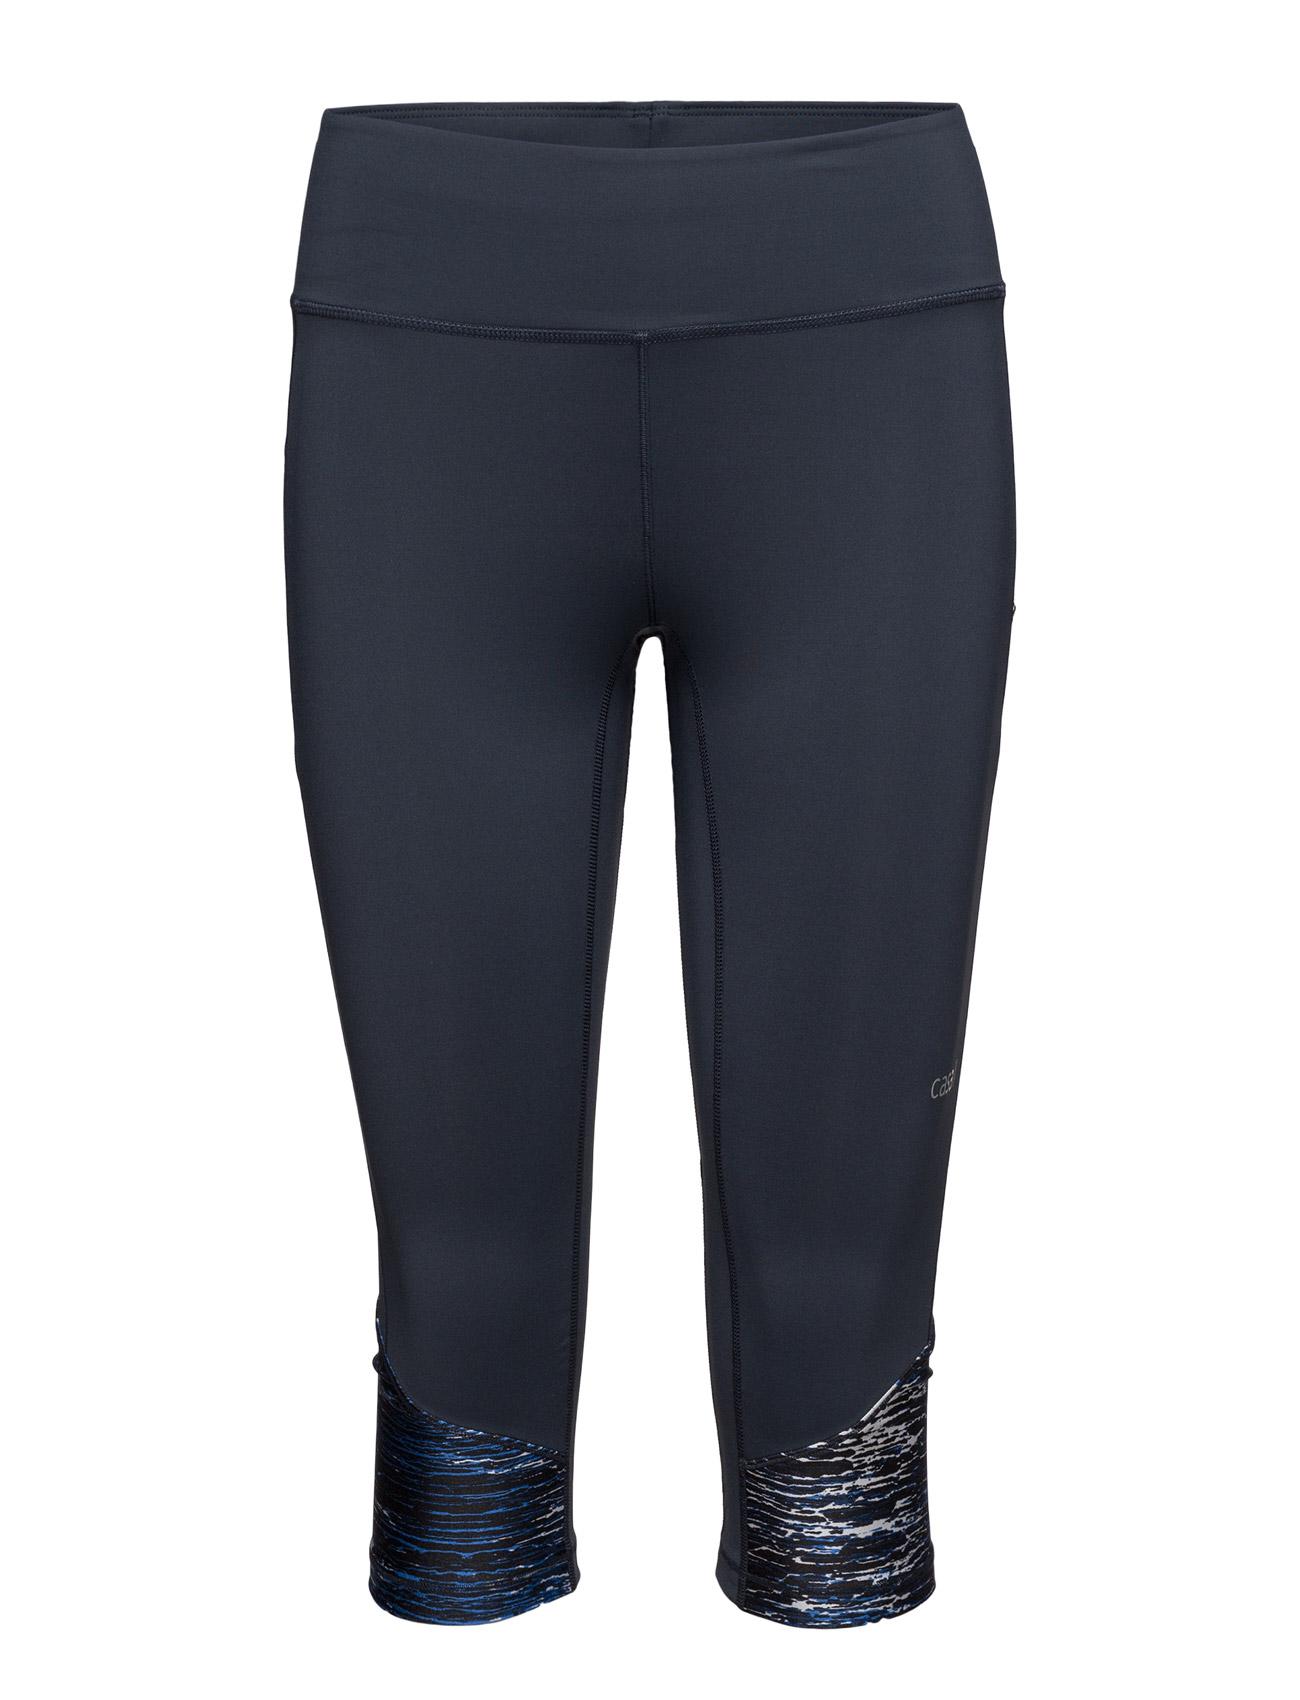 Marble Block 3/4 Tights Casall Trænings leggings til Kvinder i Sort